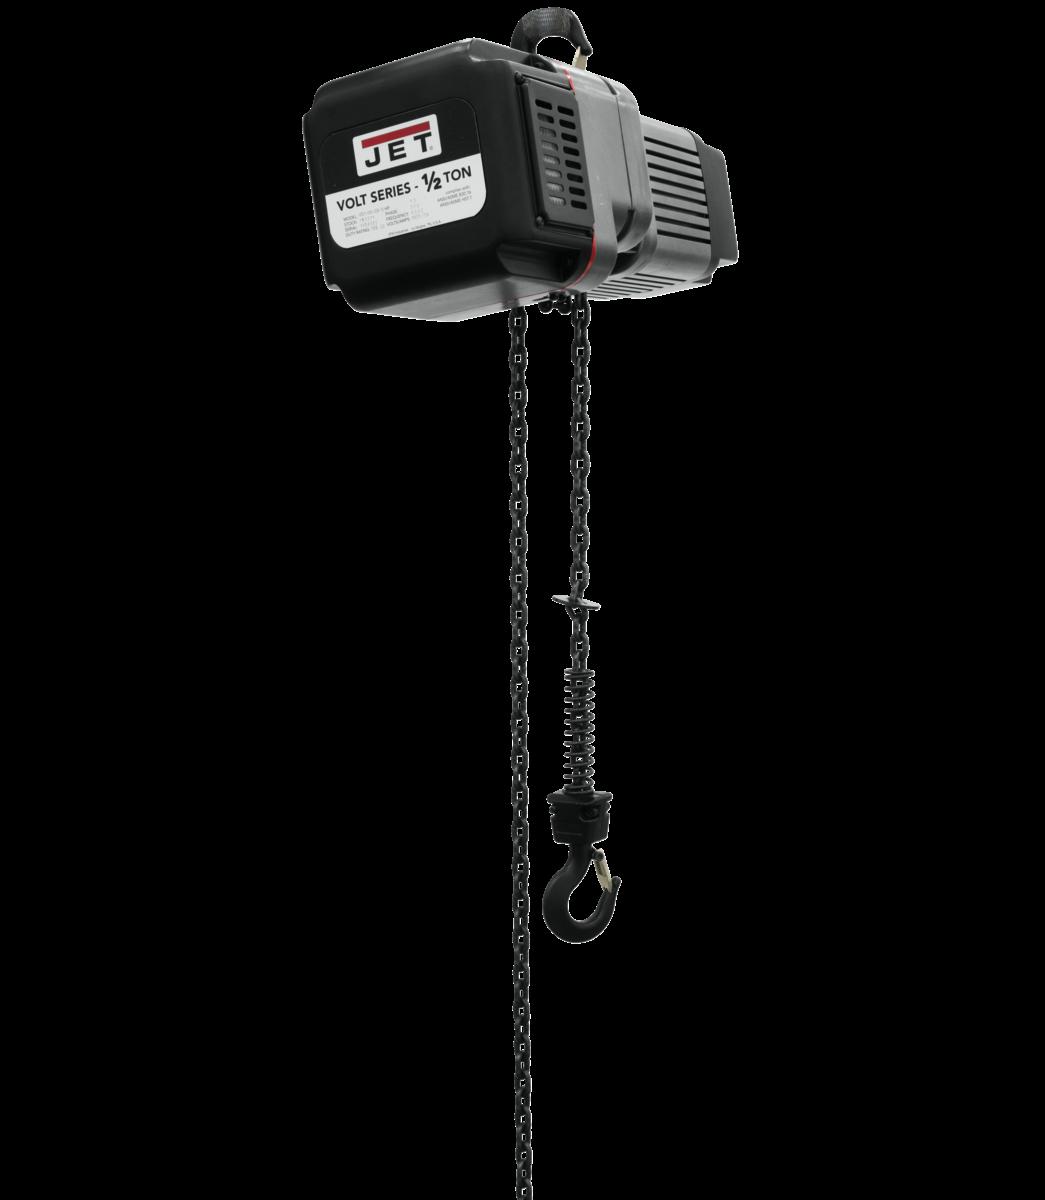 VOLT 1/2T VARIABLE-SPEED ELECTRIC HOIST 1PH/3PH 230V 20' LIFT